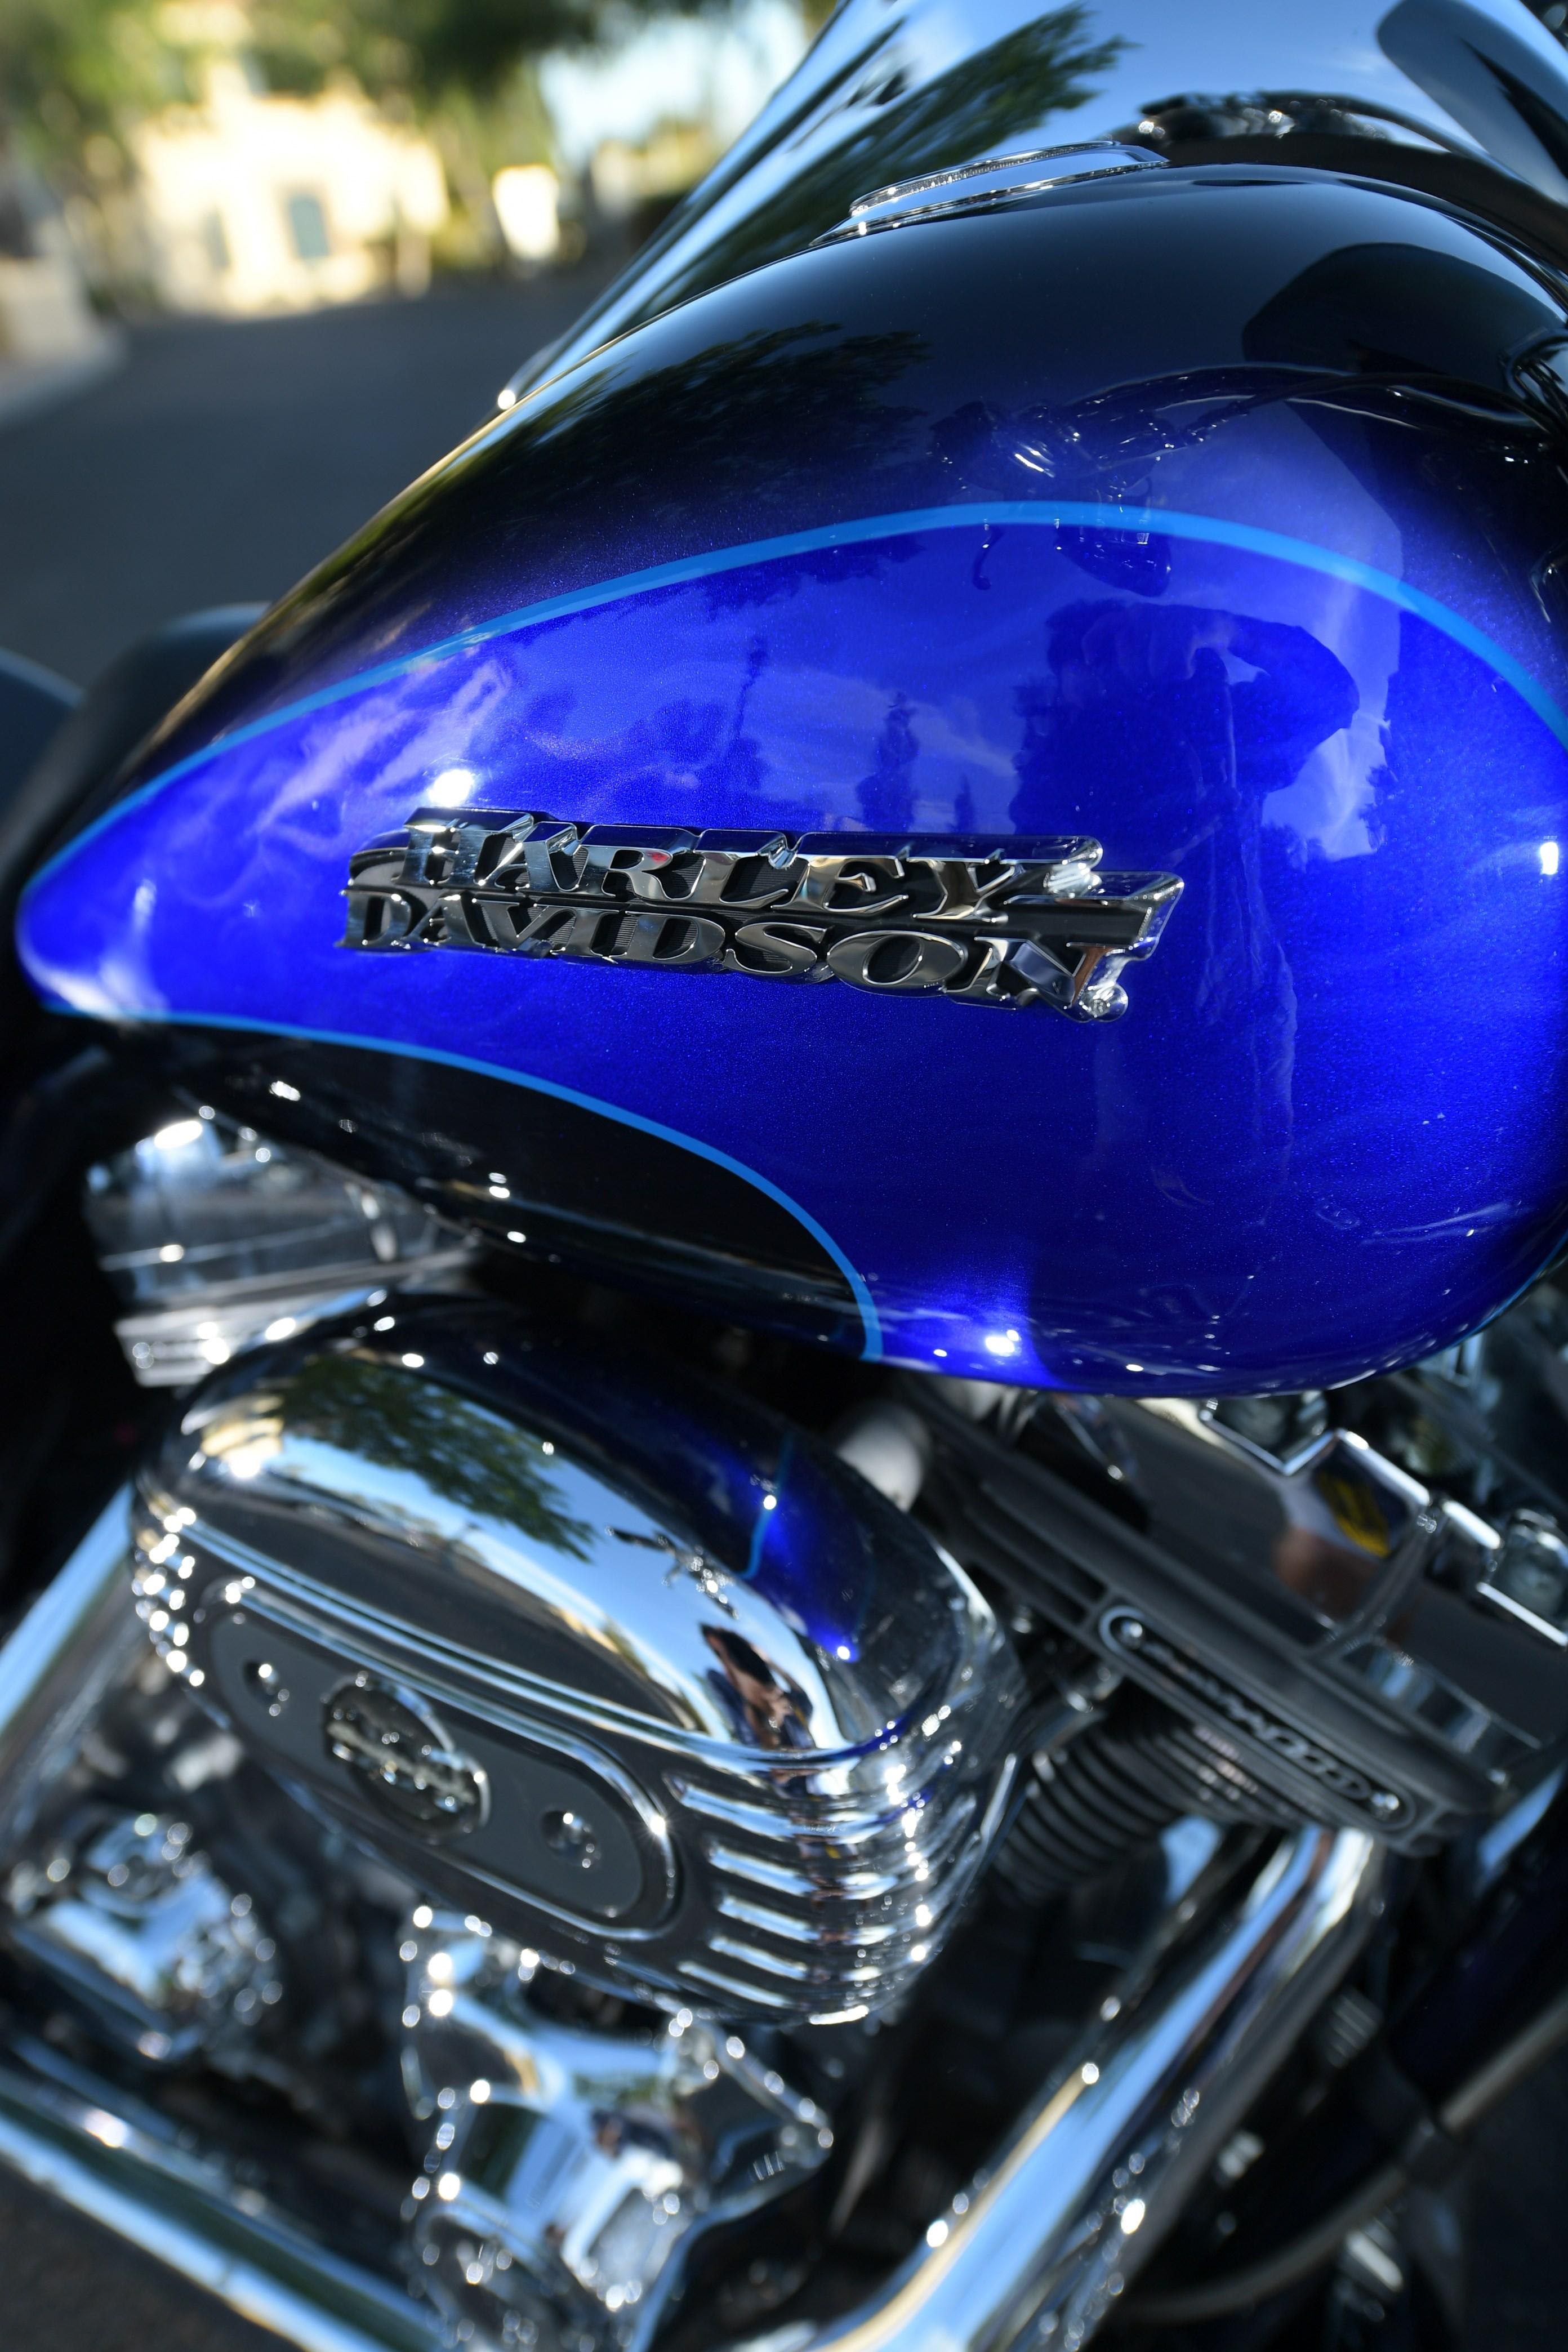 2008 Harley Davidson 174 Flhrse4 Screamin Eagle 174 Road King